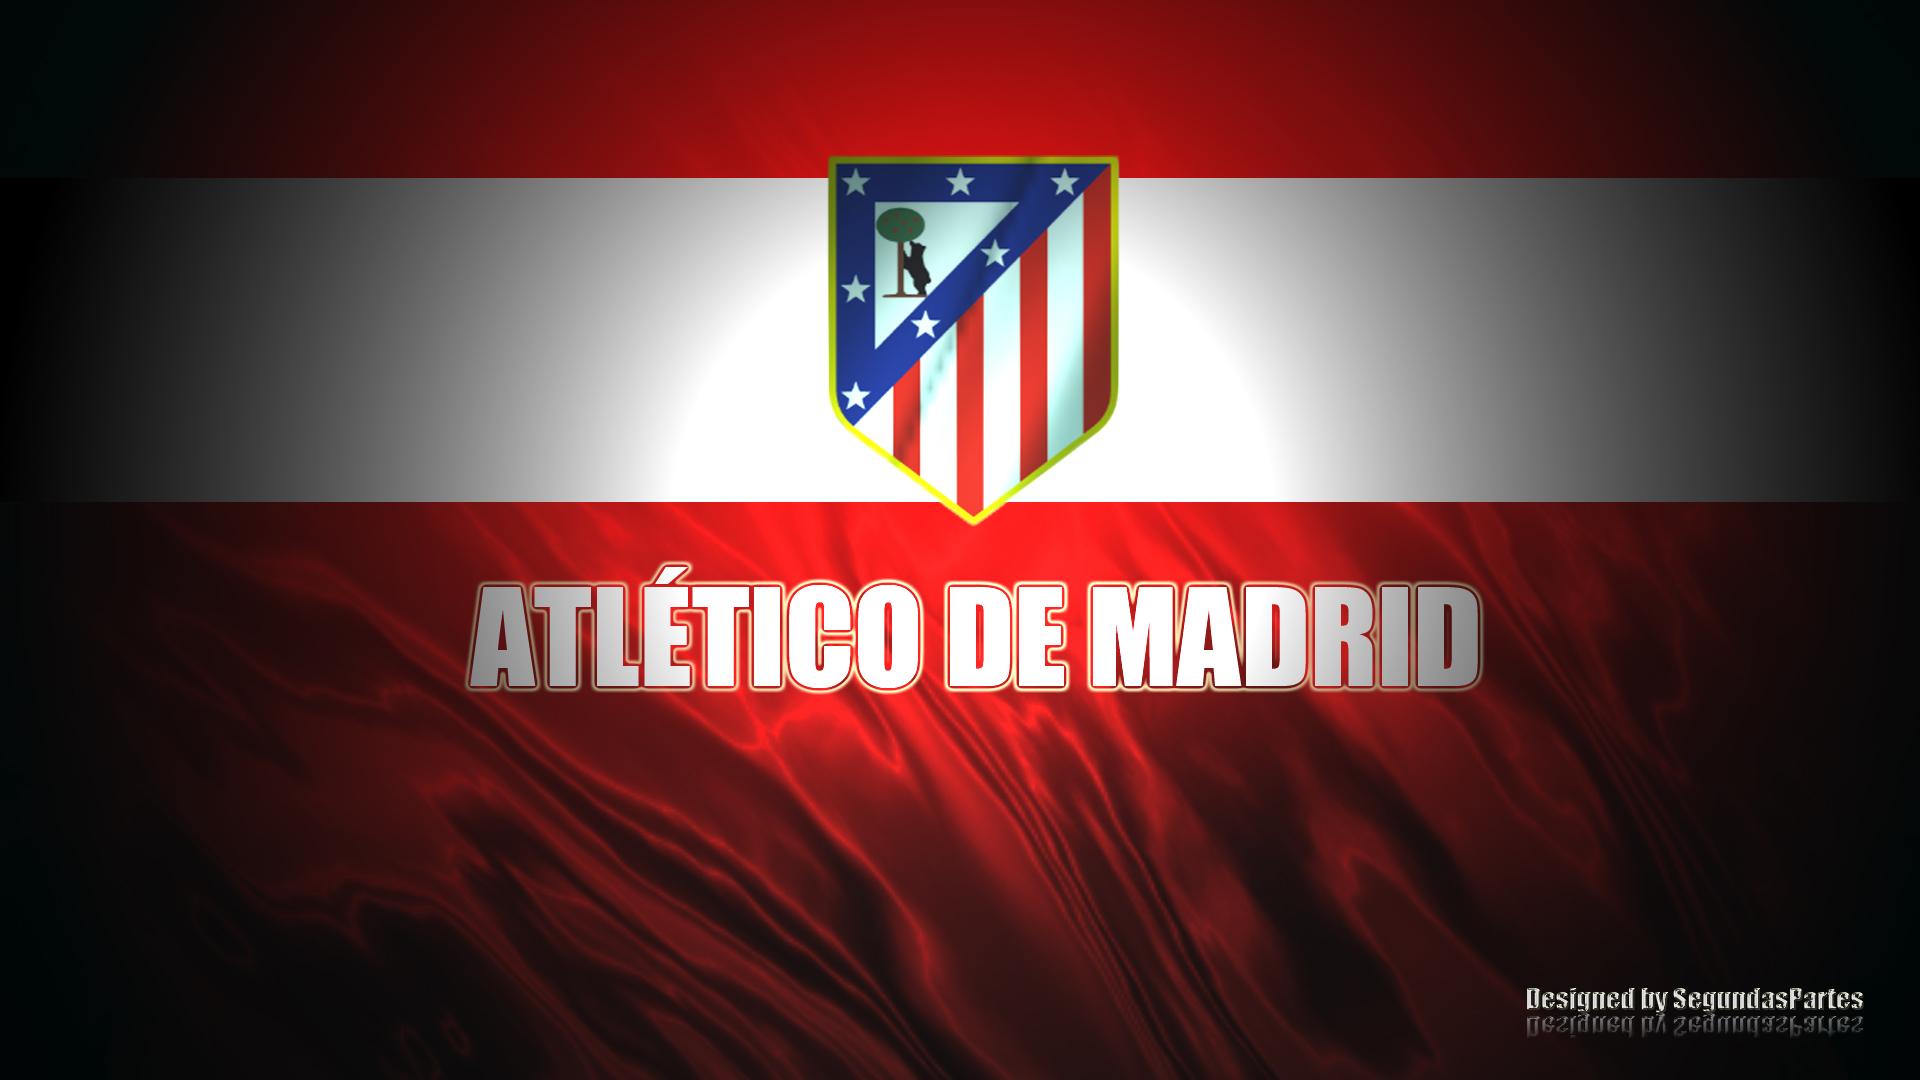 atletico de madrid atletico de madrid wallpapers 5655646jpg 1920x1080